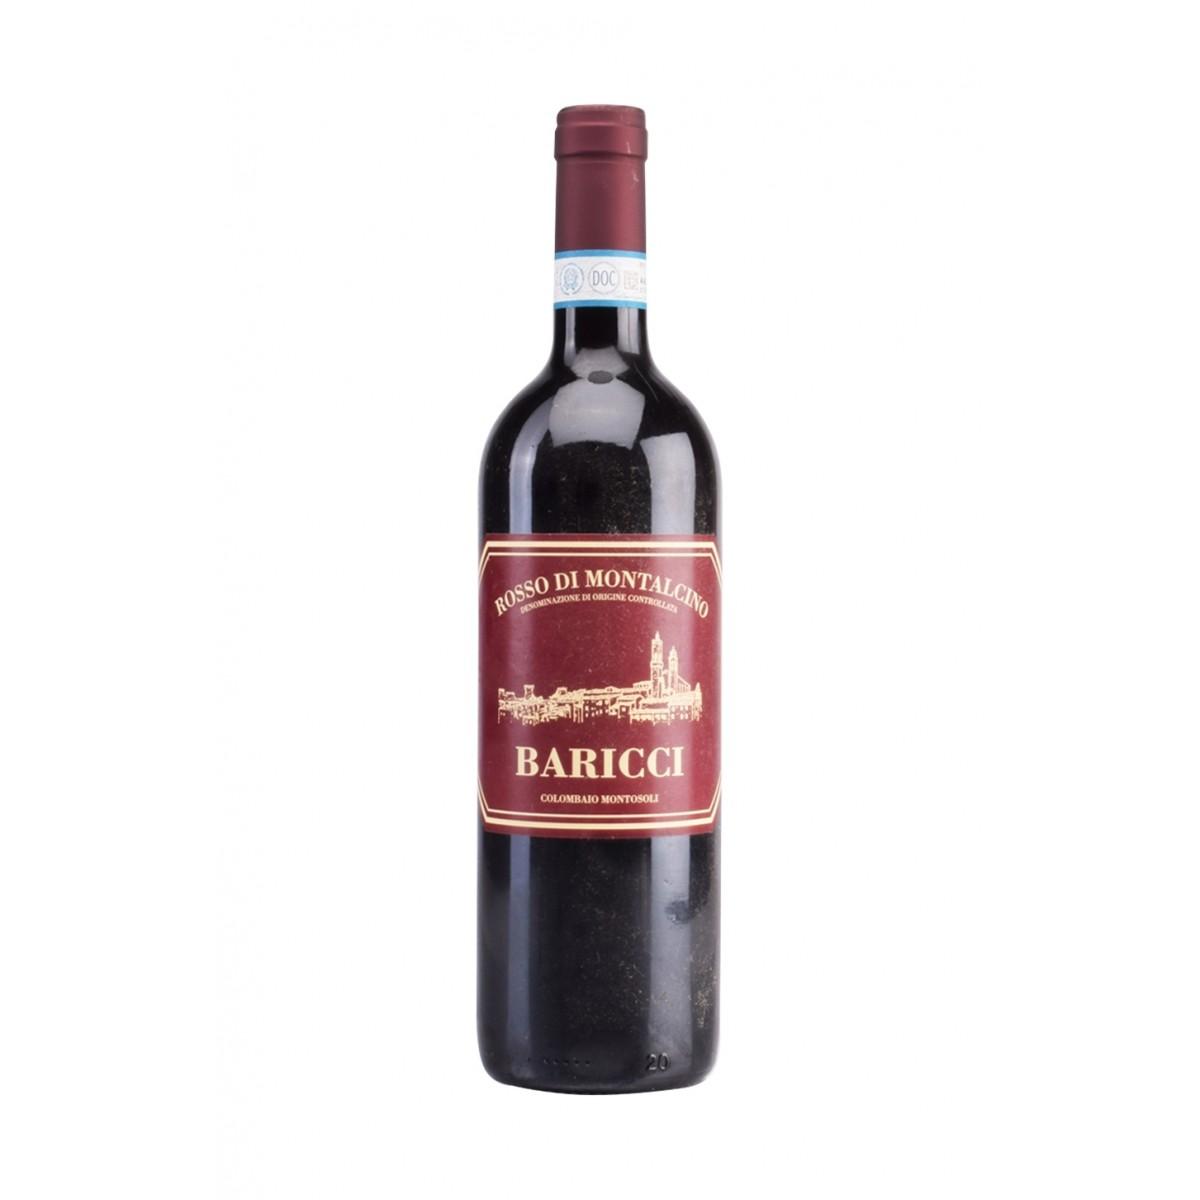 Rosso di Montalcino 2017 - Baricci